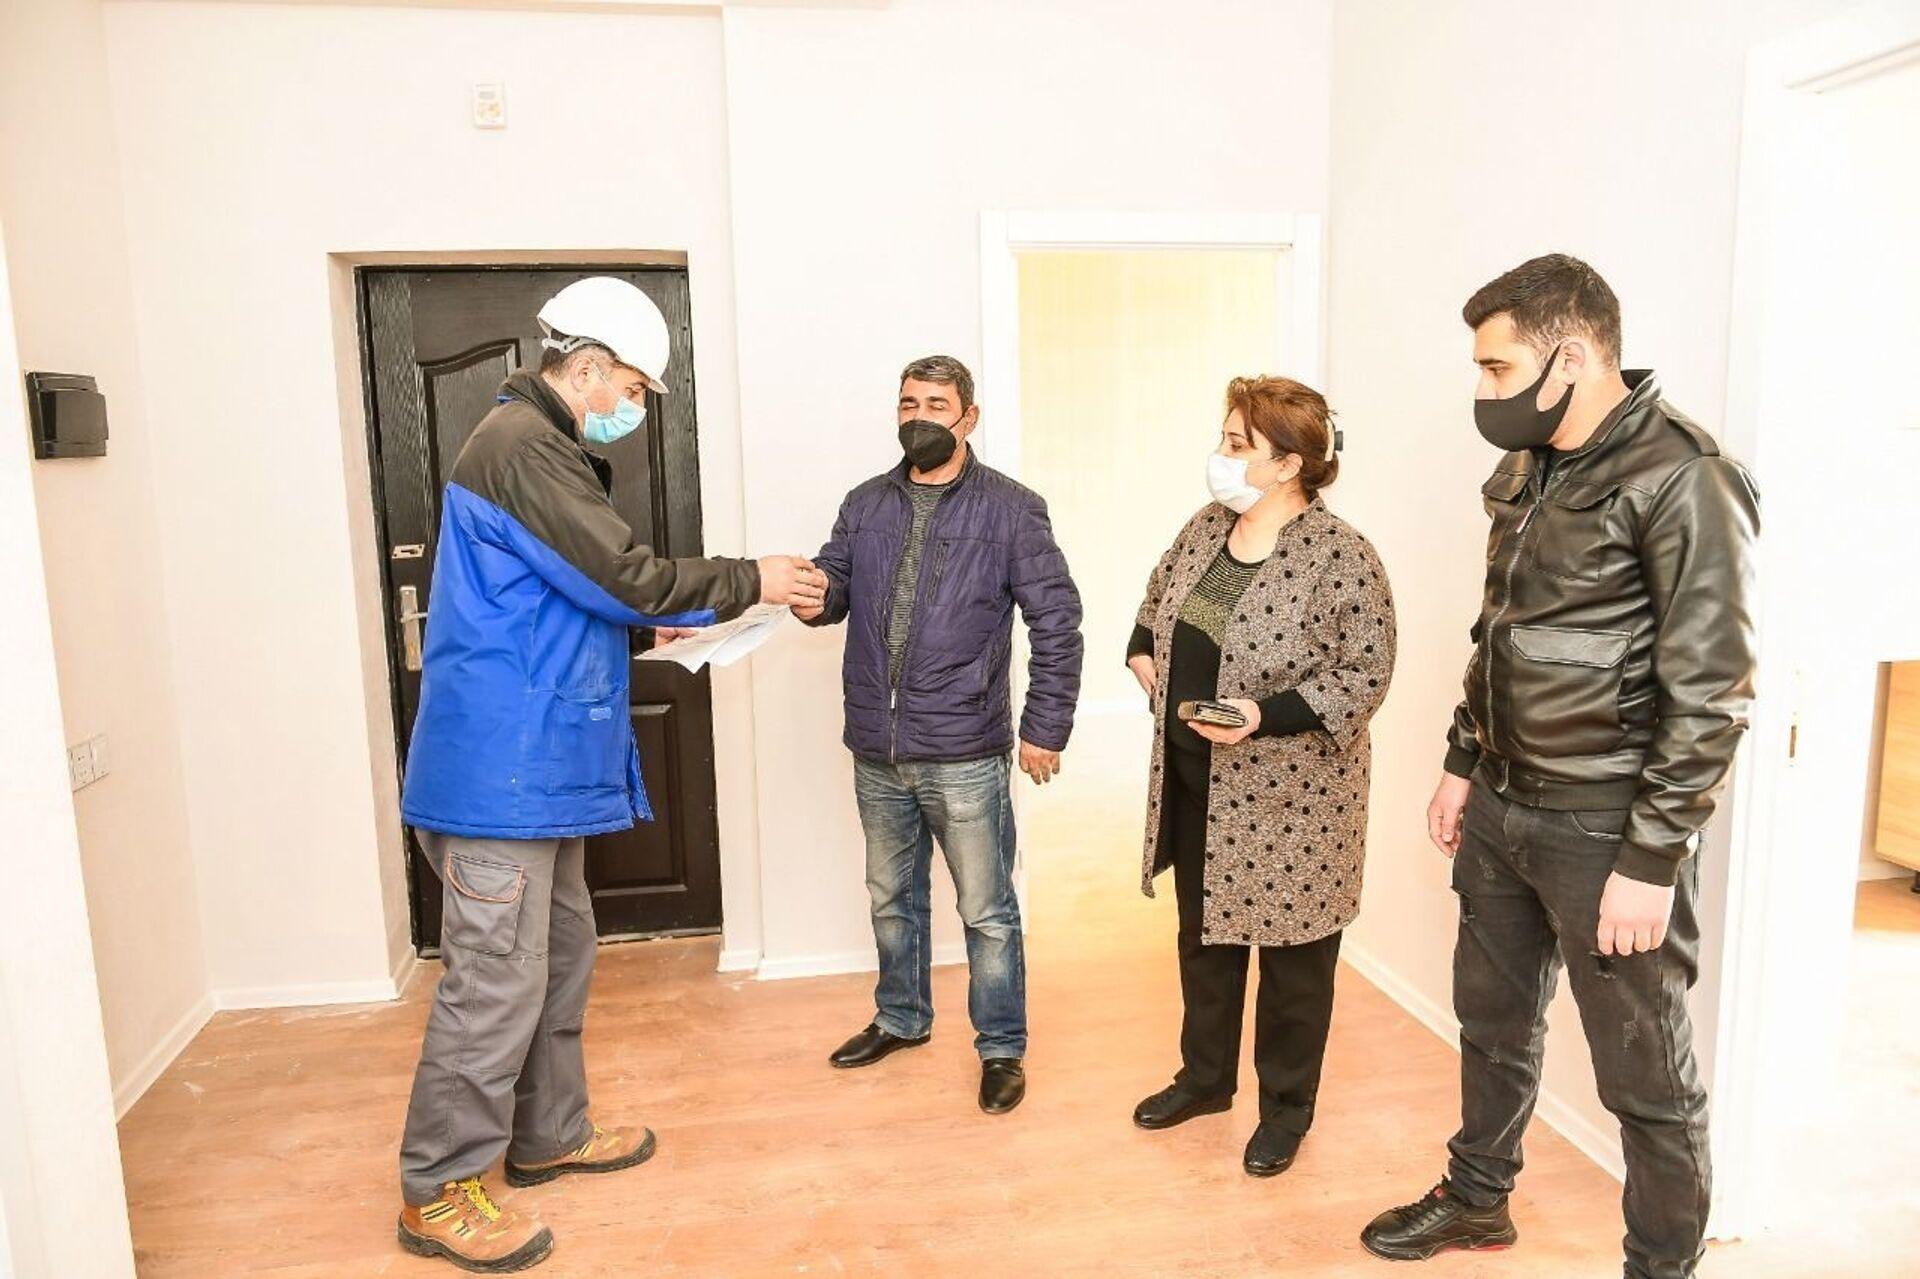 Гянджинцы, оставшиеся без жилья в результате ракетных ударов ВС Армении, получили квартиры - Sputnik Азербайджан, 1920, 22.03.2021